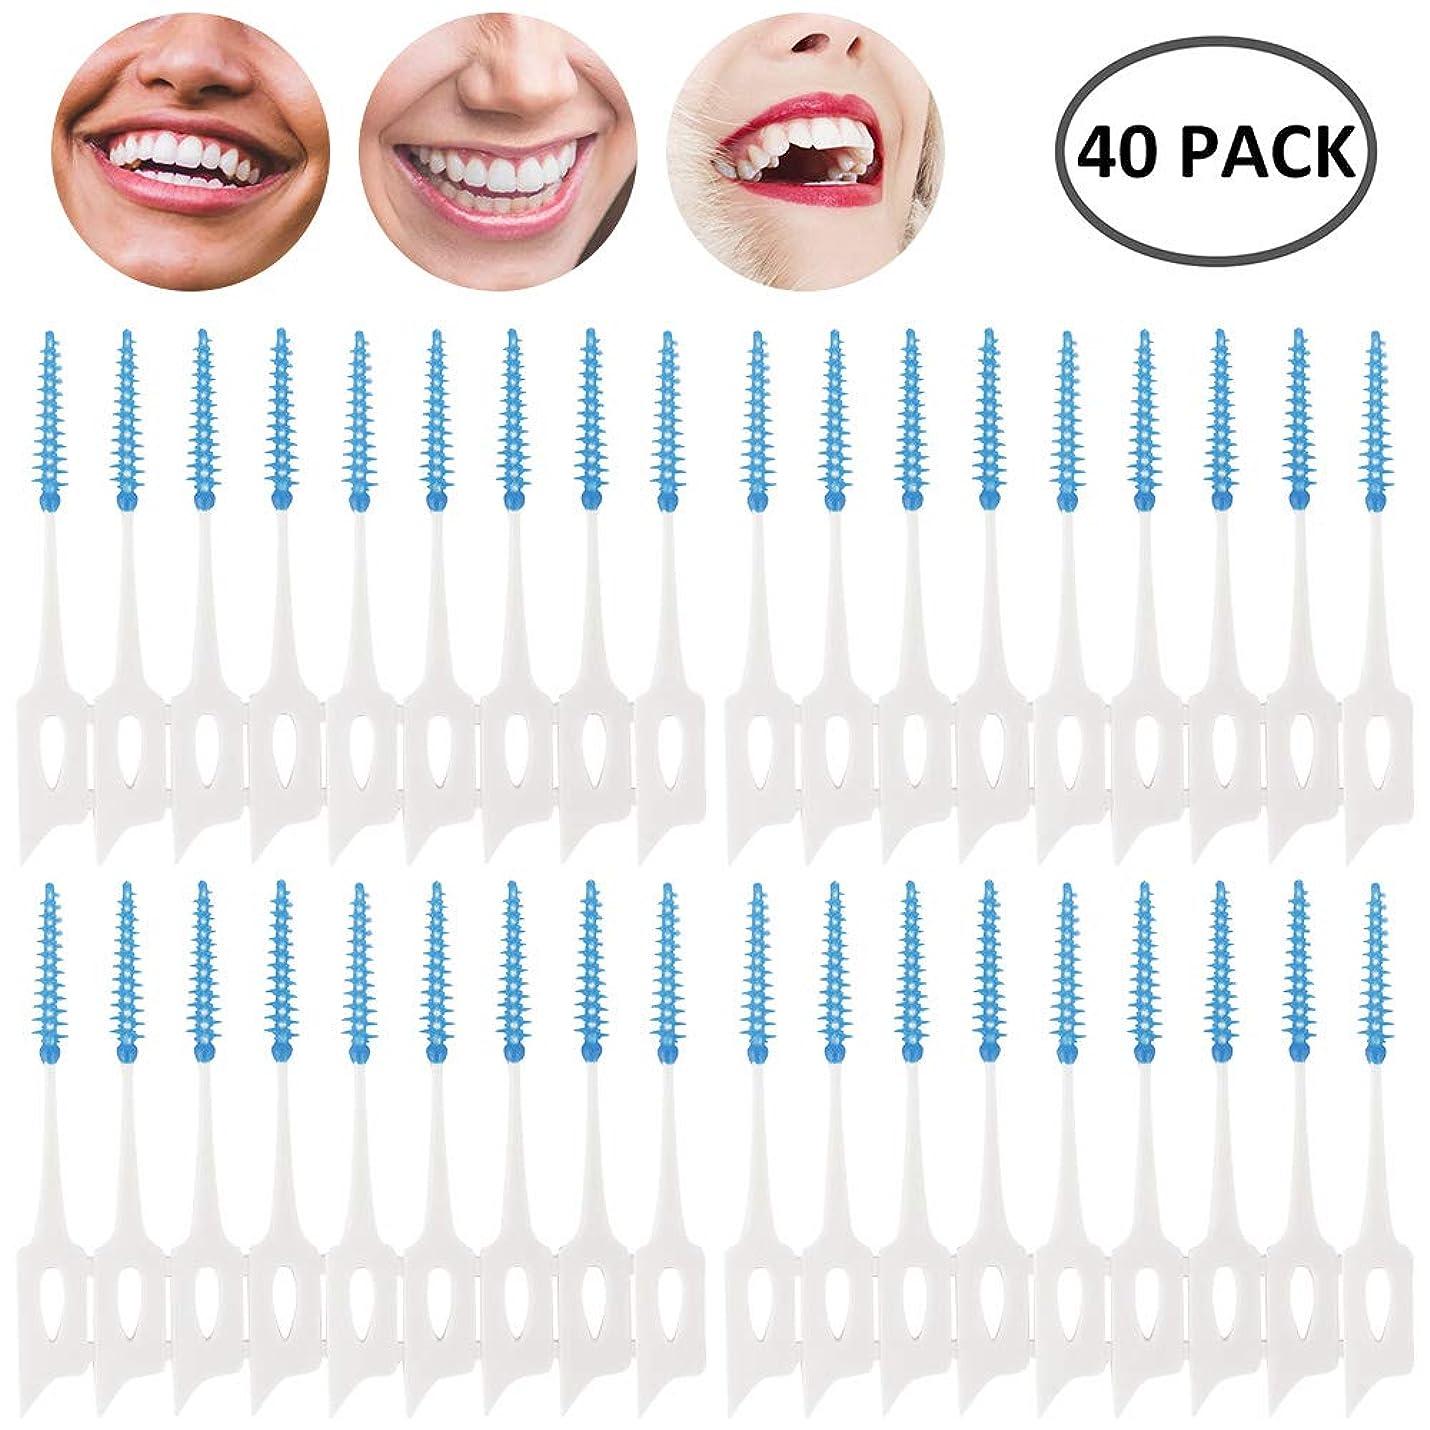 受け入れた論理的に悲しいseacan 歯間ブラシ 極細タイプ 歯周プロケア ソフトピック 40本